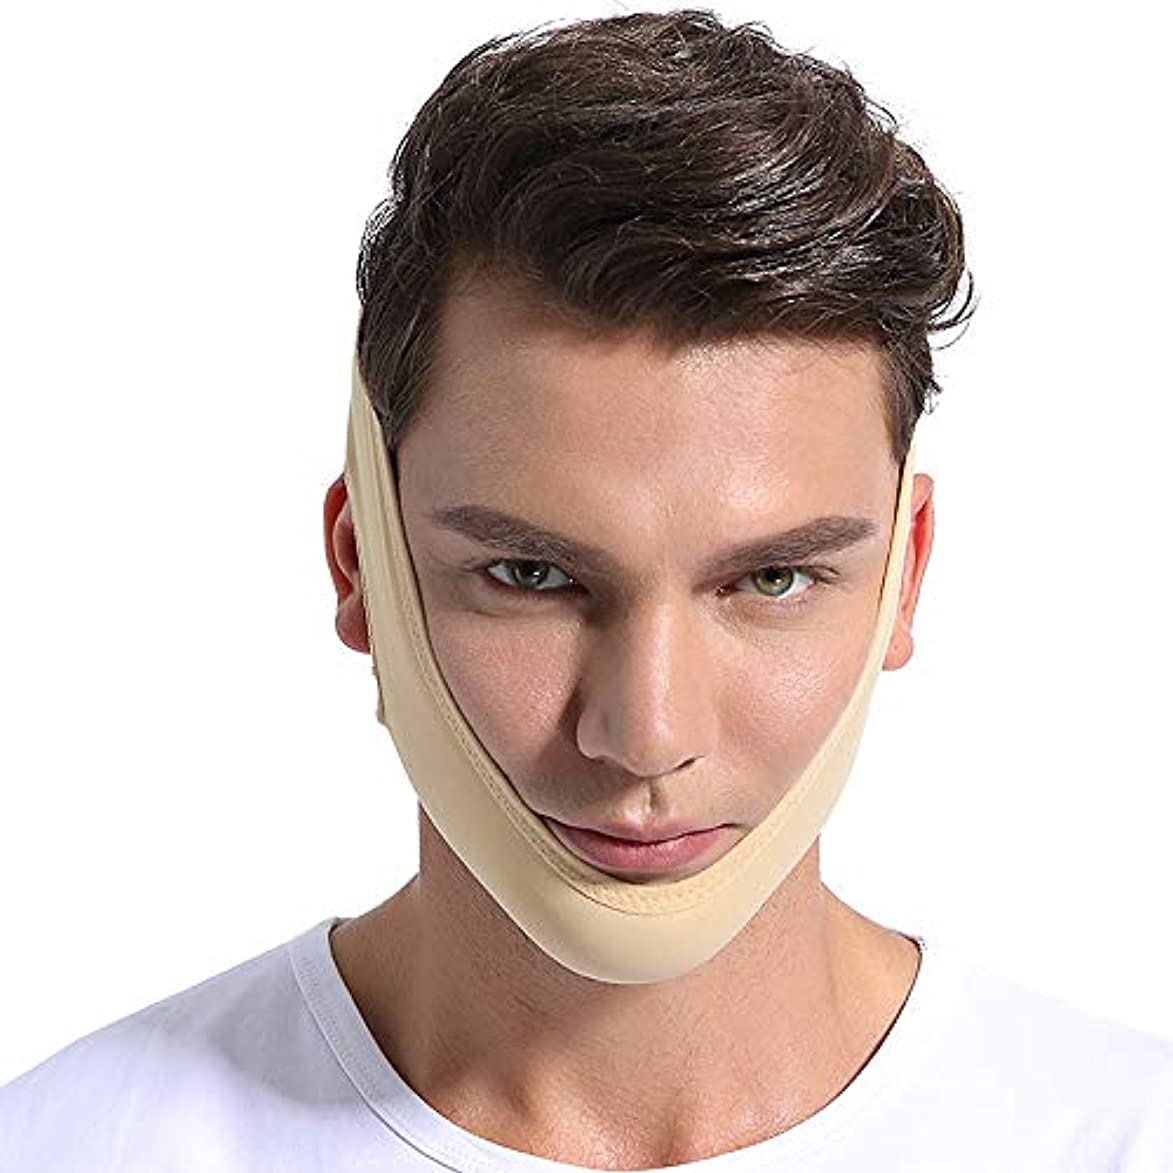 一回目的近似顔面持ち上げ用具、Vフェイスの薄い顔の包帯顔面マッサージ器リフティングパッキングマスク,L